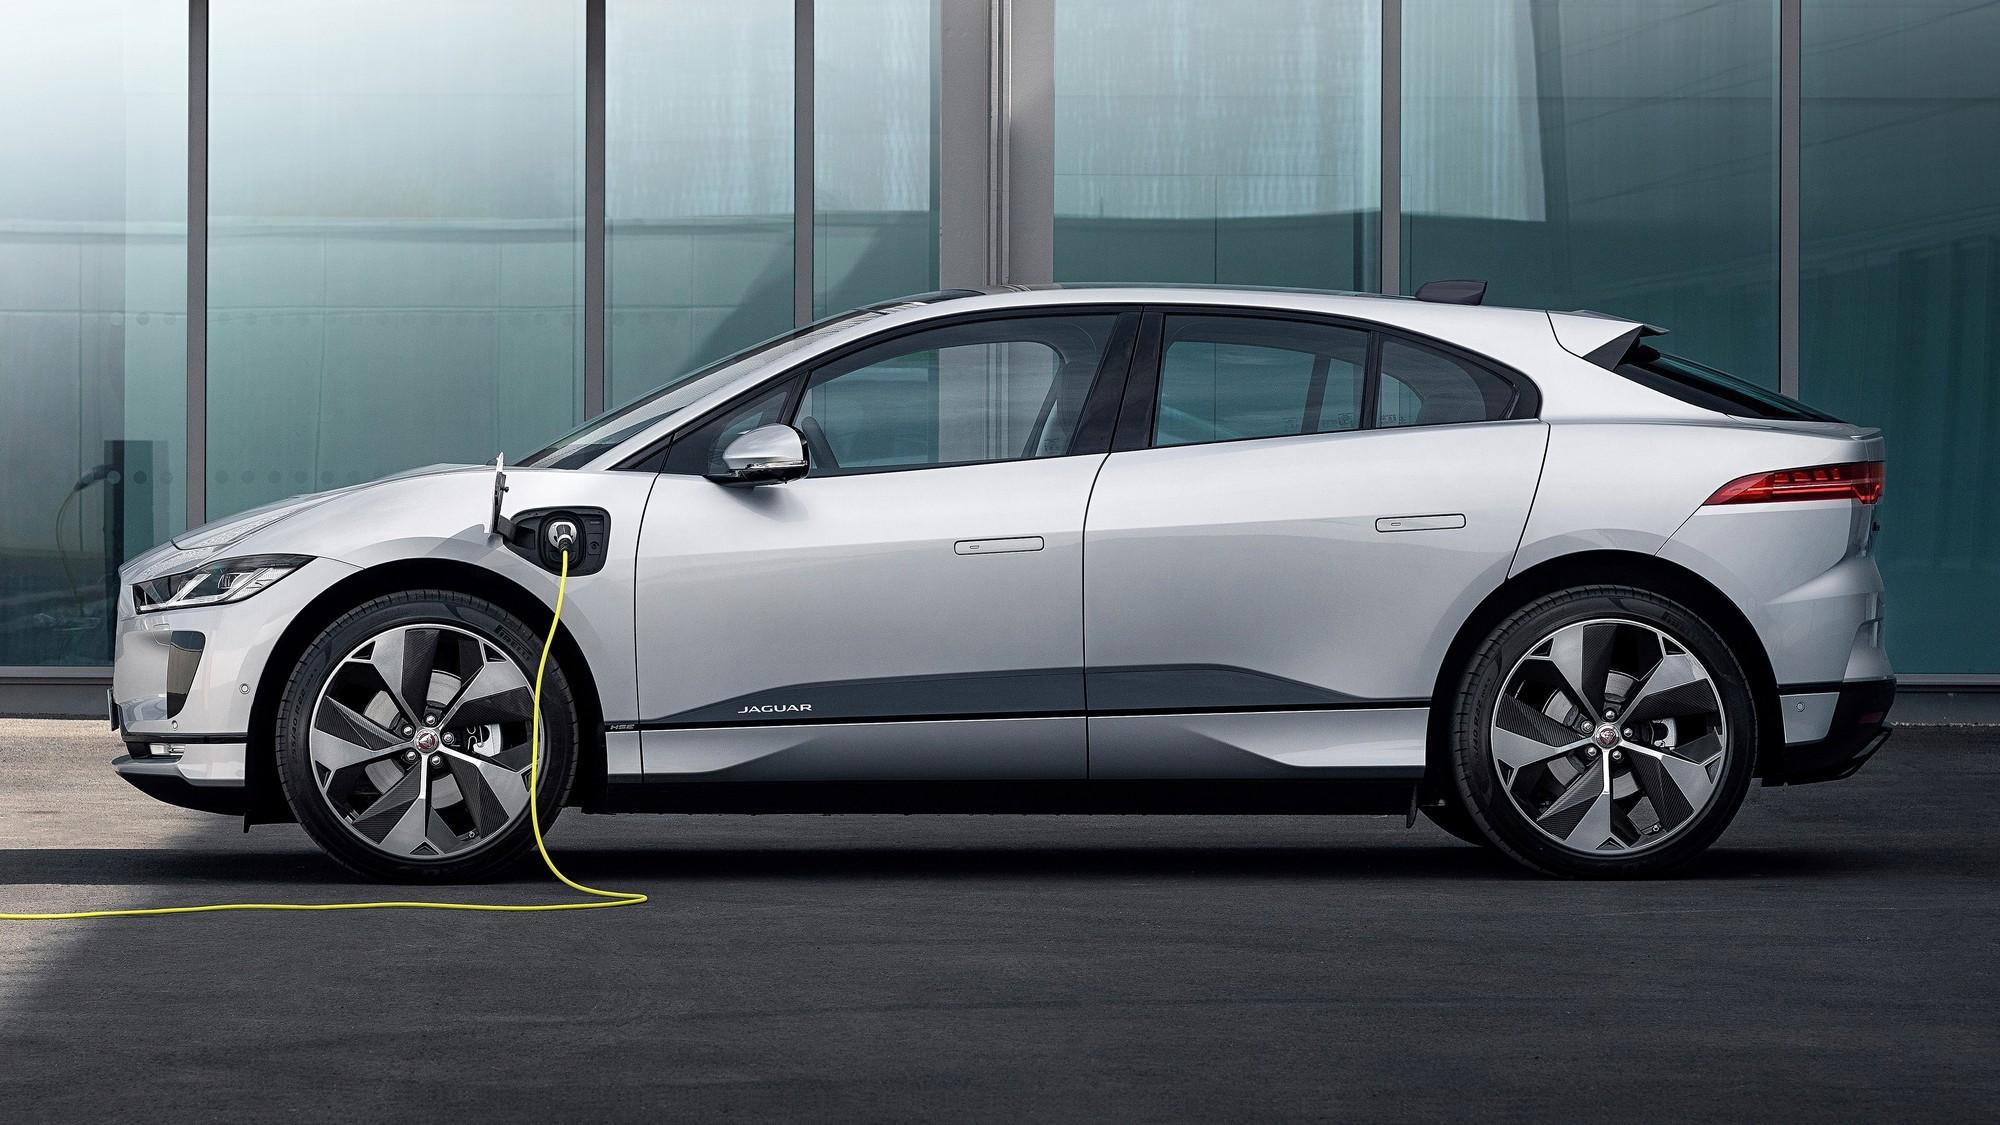 Jaguar лихорадит: полная перезагрузка, отказ от почти готовых новинок и чужая платформа